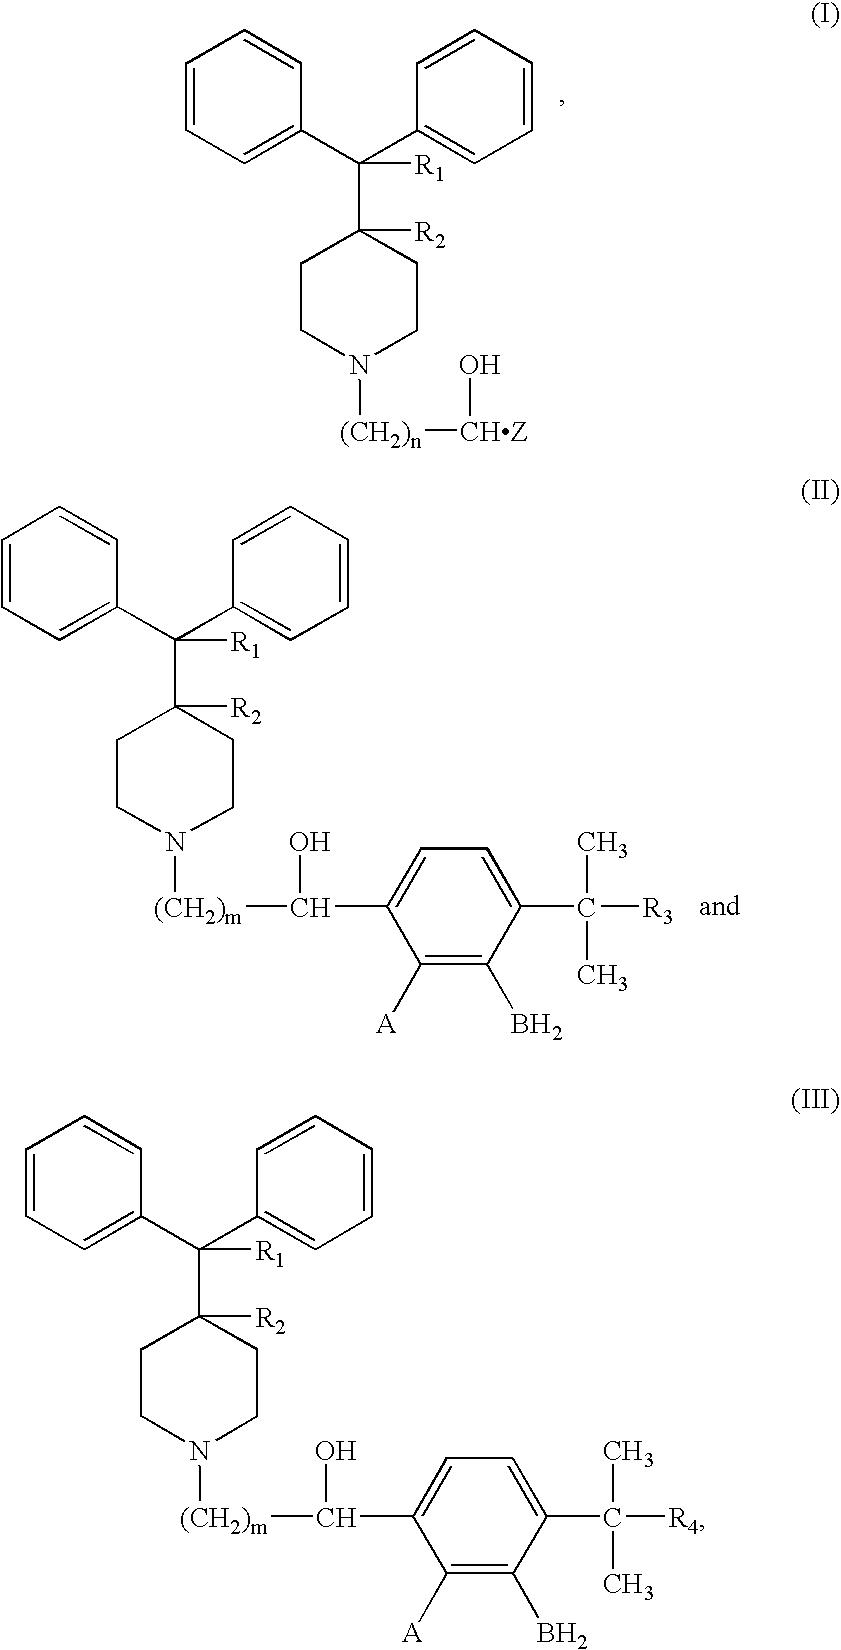 Figure US20050220877A1-20051006-C00001